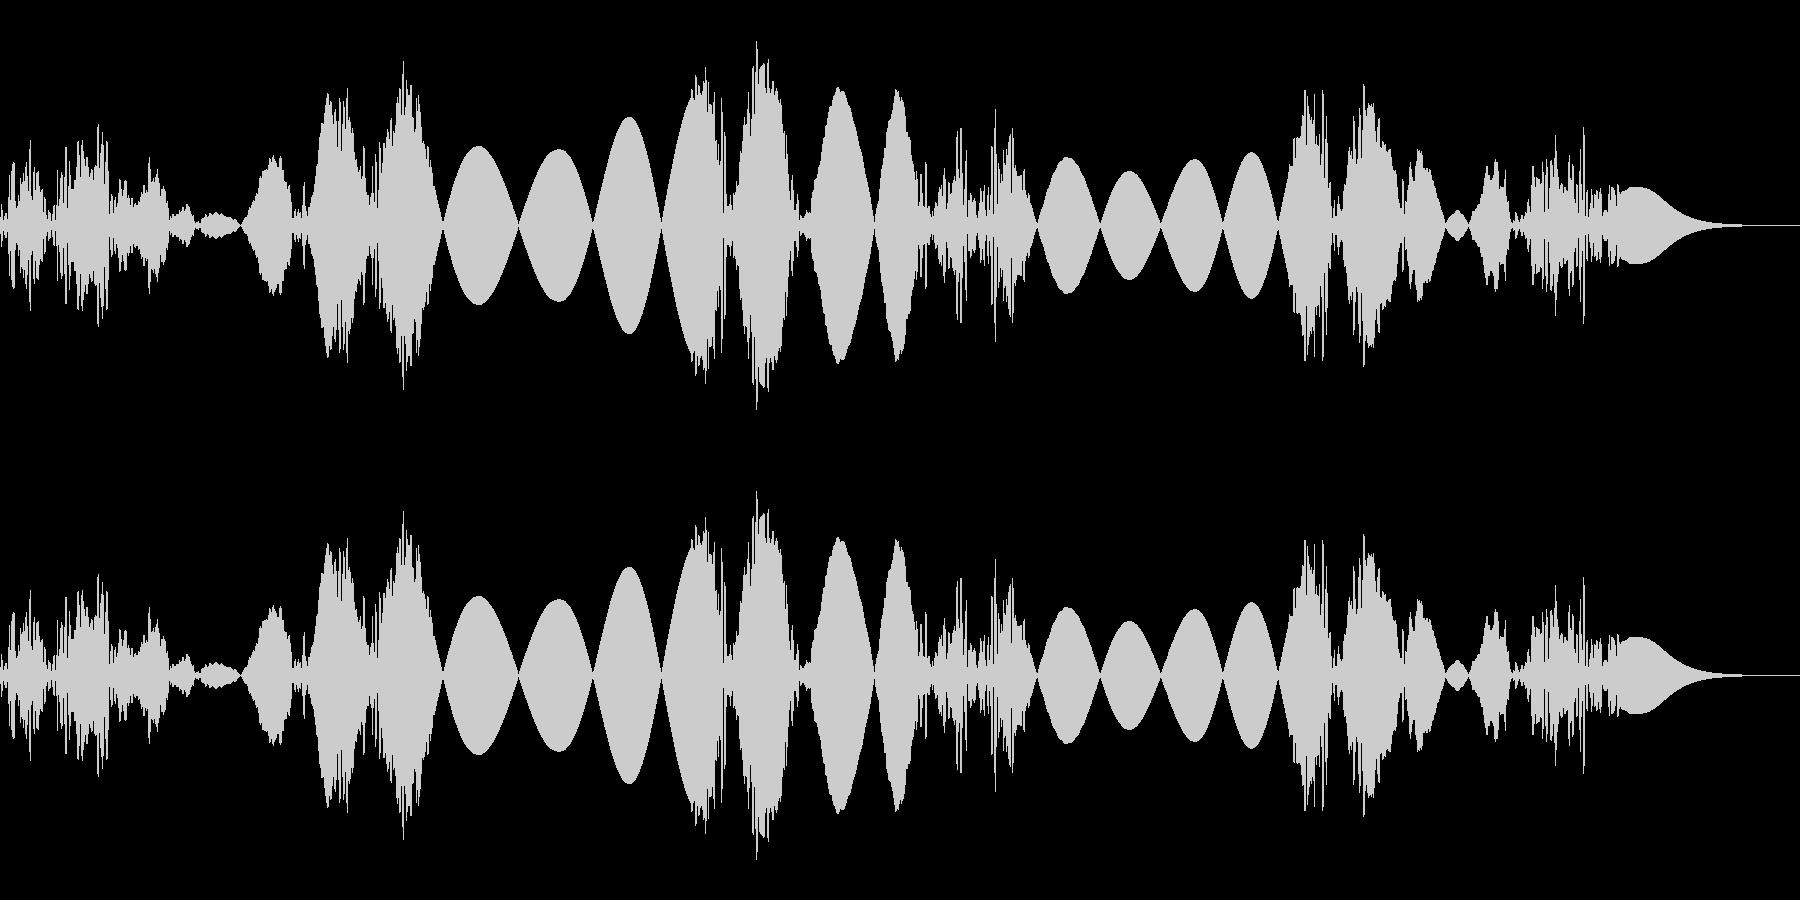 シャカシャカシャカ(高速)2の未再生の波形